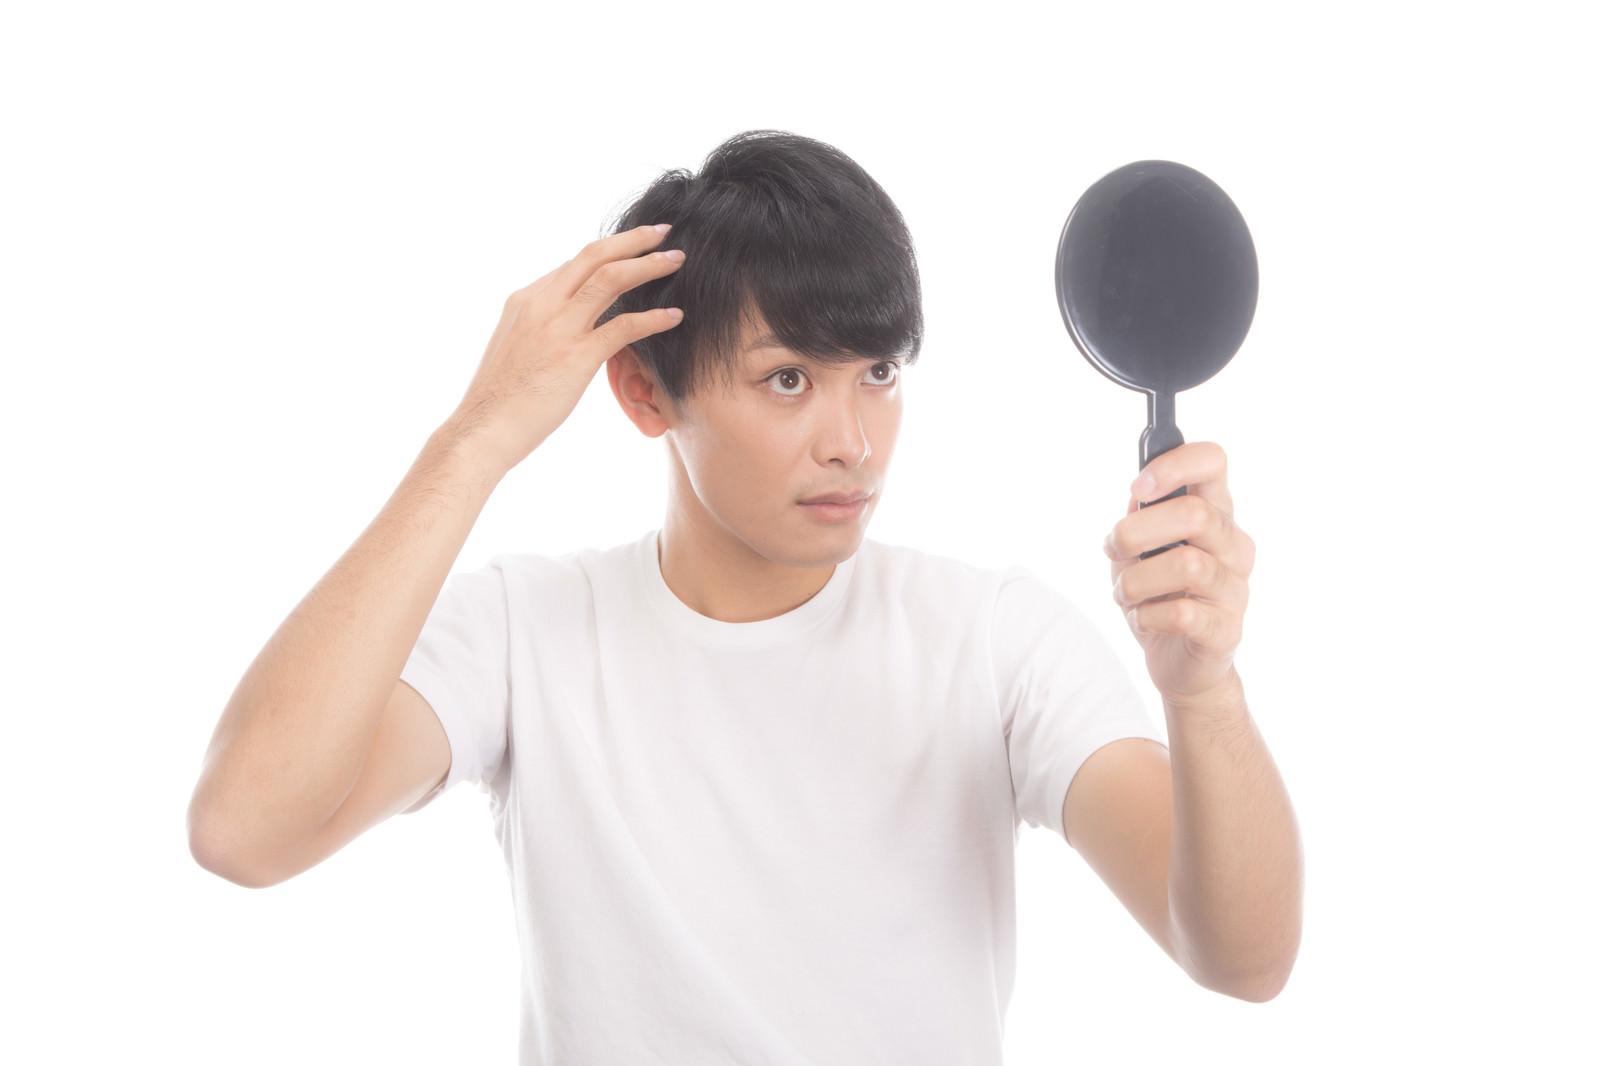 「手鏡で薄毛・生え際のヘアチェックをする若い男性 | 写真の無料素材・フリー素材 - ぱくたそ」の写真[モデル:完伍]